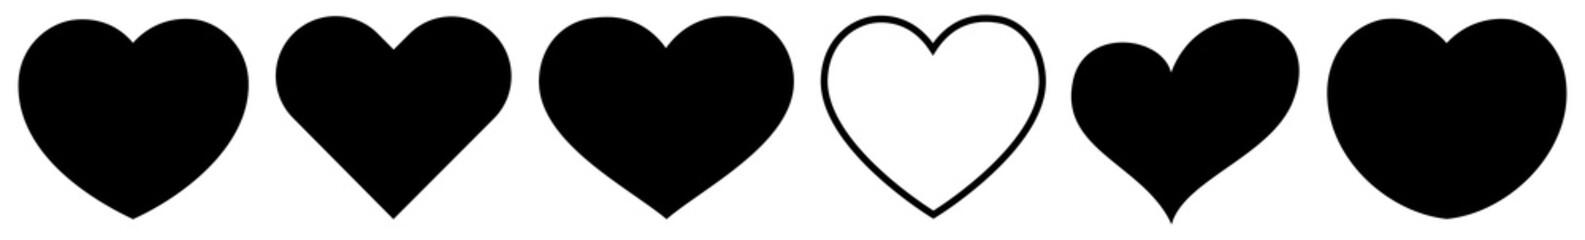 Heart Black | Love | Logo | Variations Wall mural